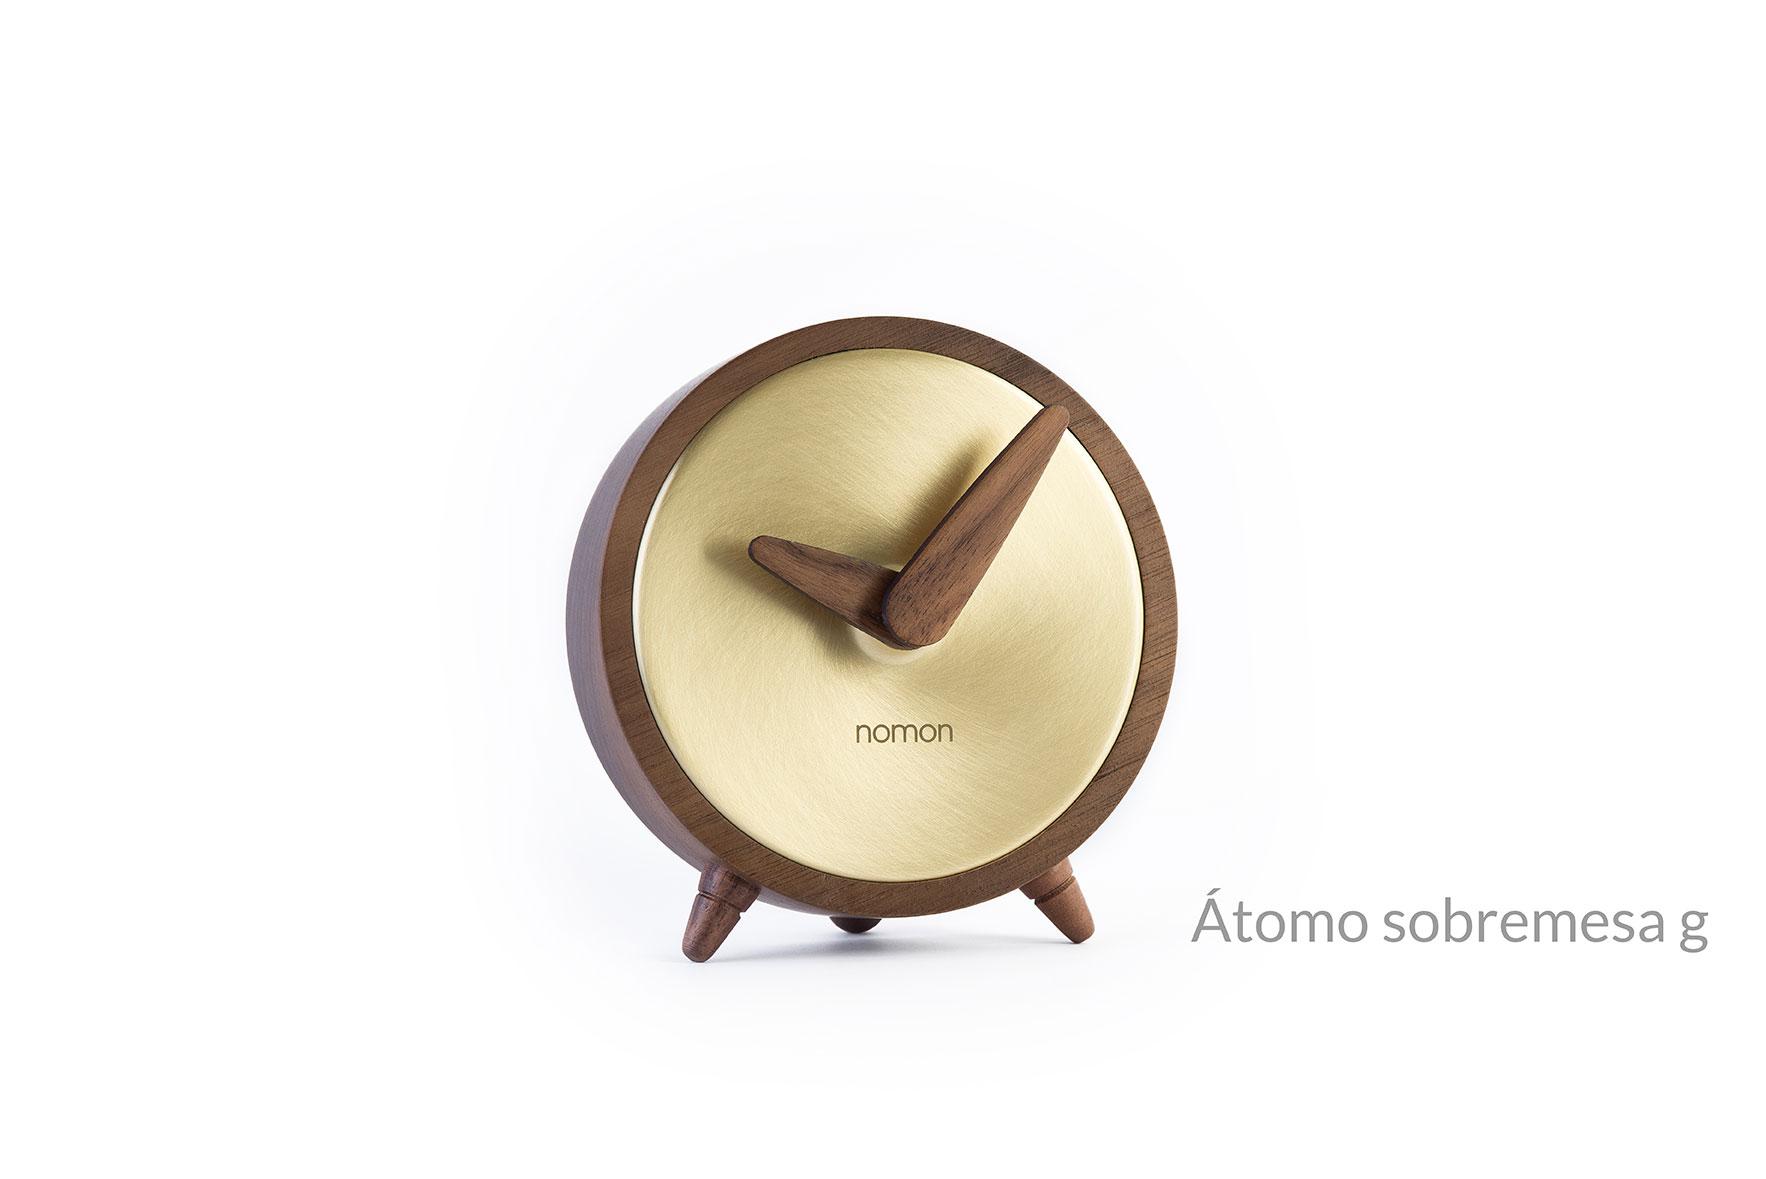 Atomo Table Golden Clock